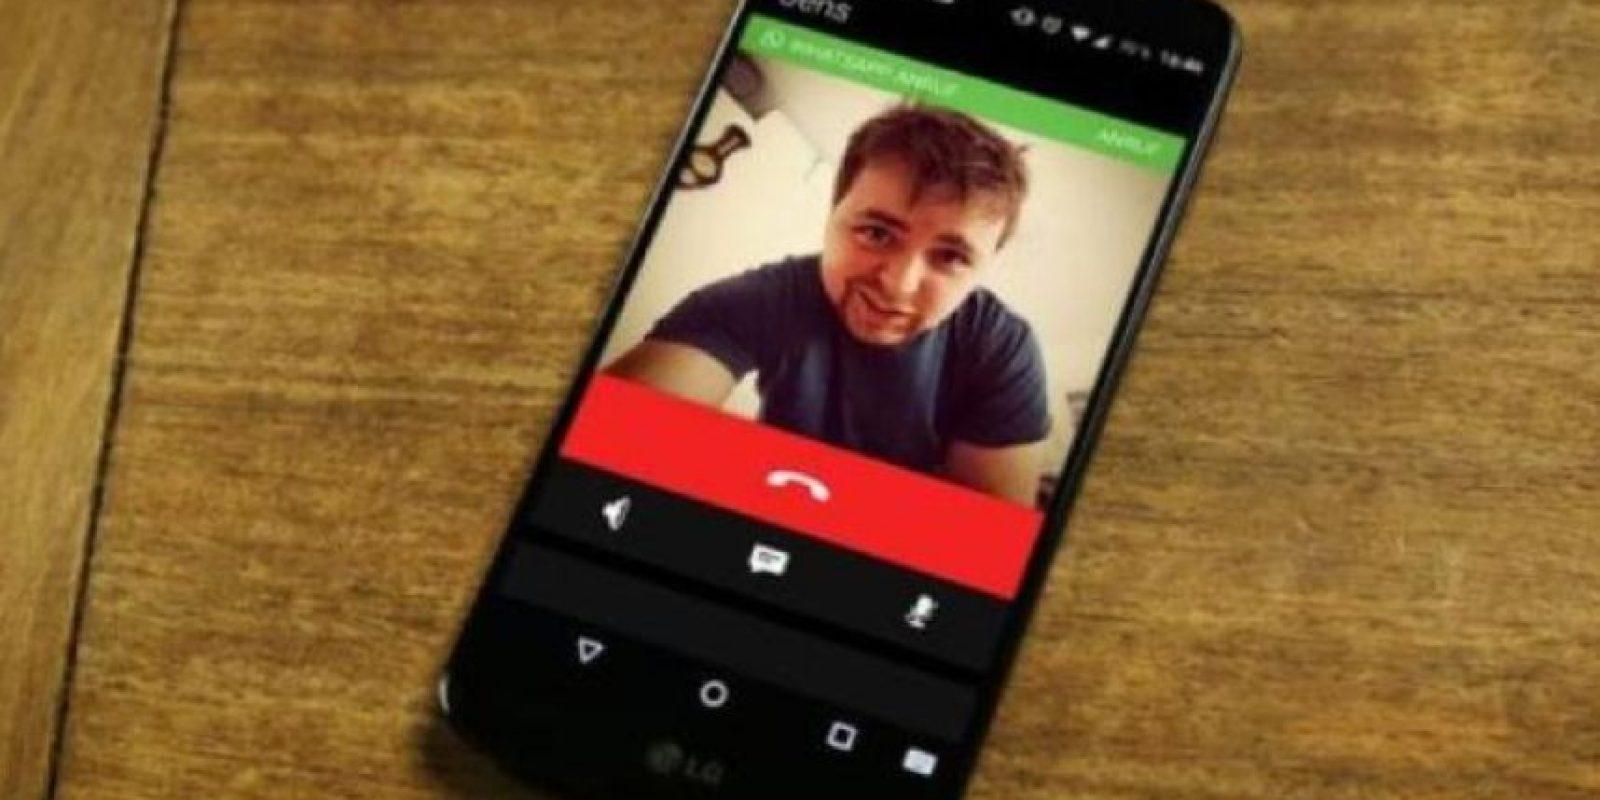 Ya se pueden realizar llamadas gratis sin necesidad de una invitación. Foto:Twitter